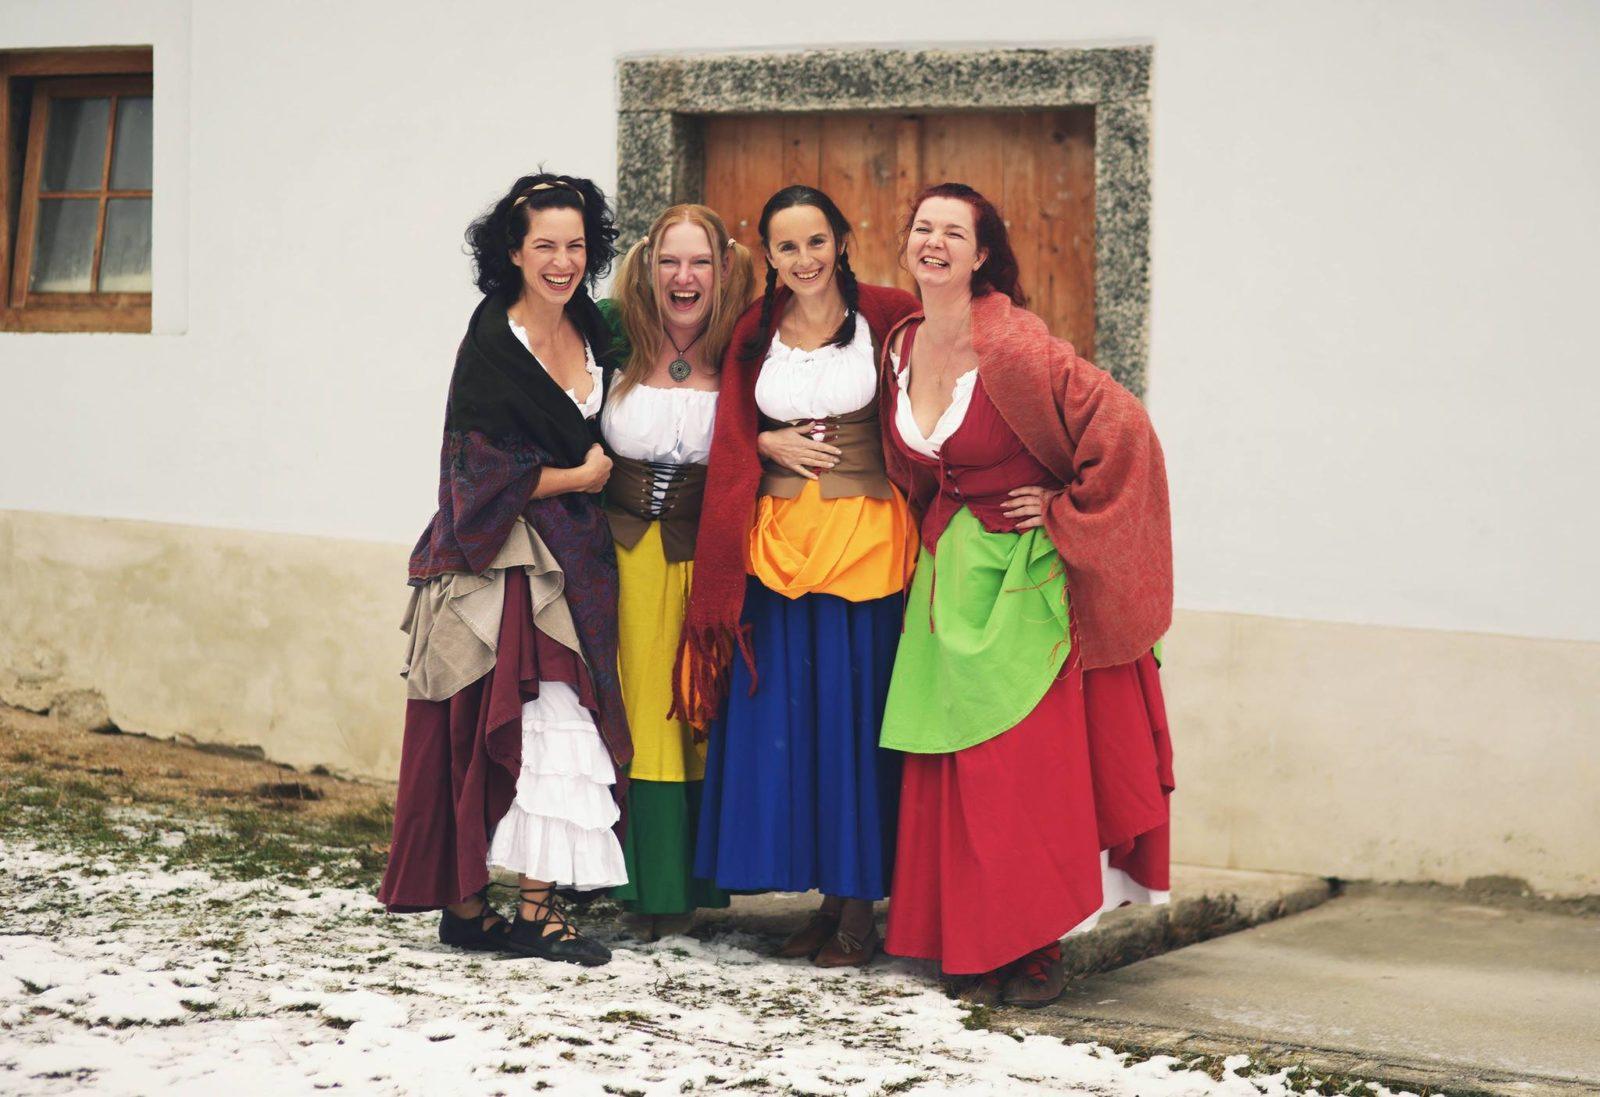 Kancioneta má v repertoáru staré lidové tance estonské, bretaňské, skotské, polské, anglické, izraelské, běloruské a další